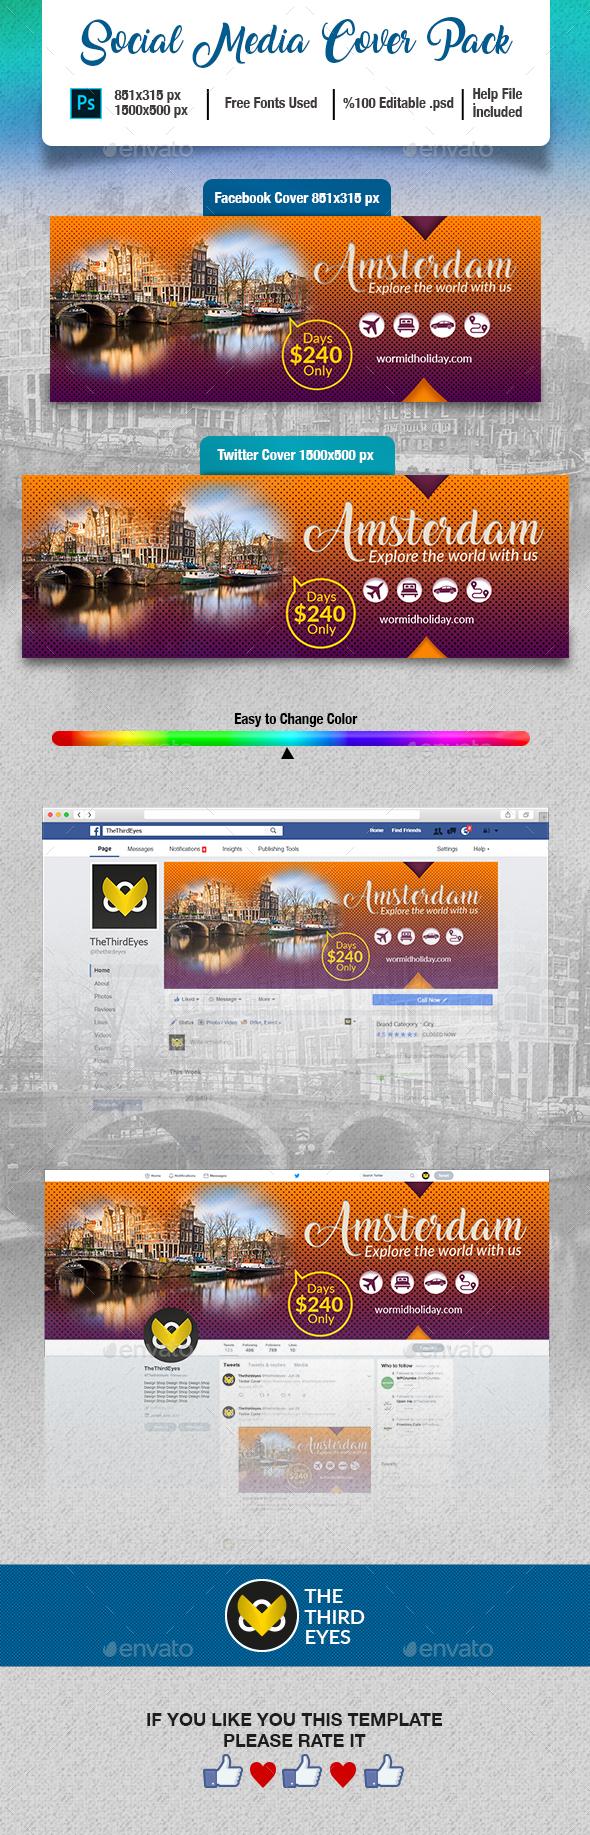 Travel Social Media Cover Pack